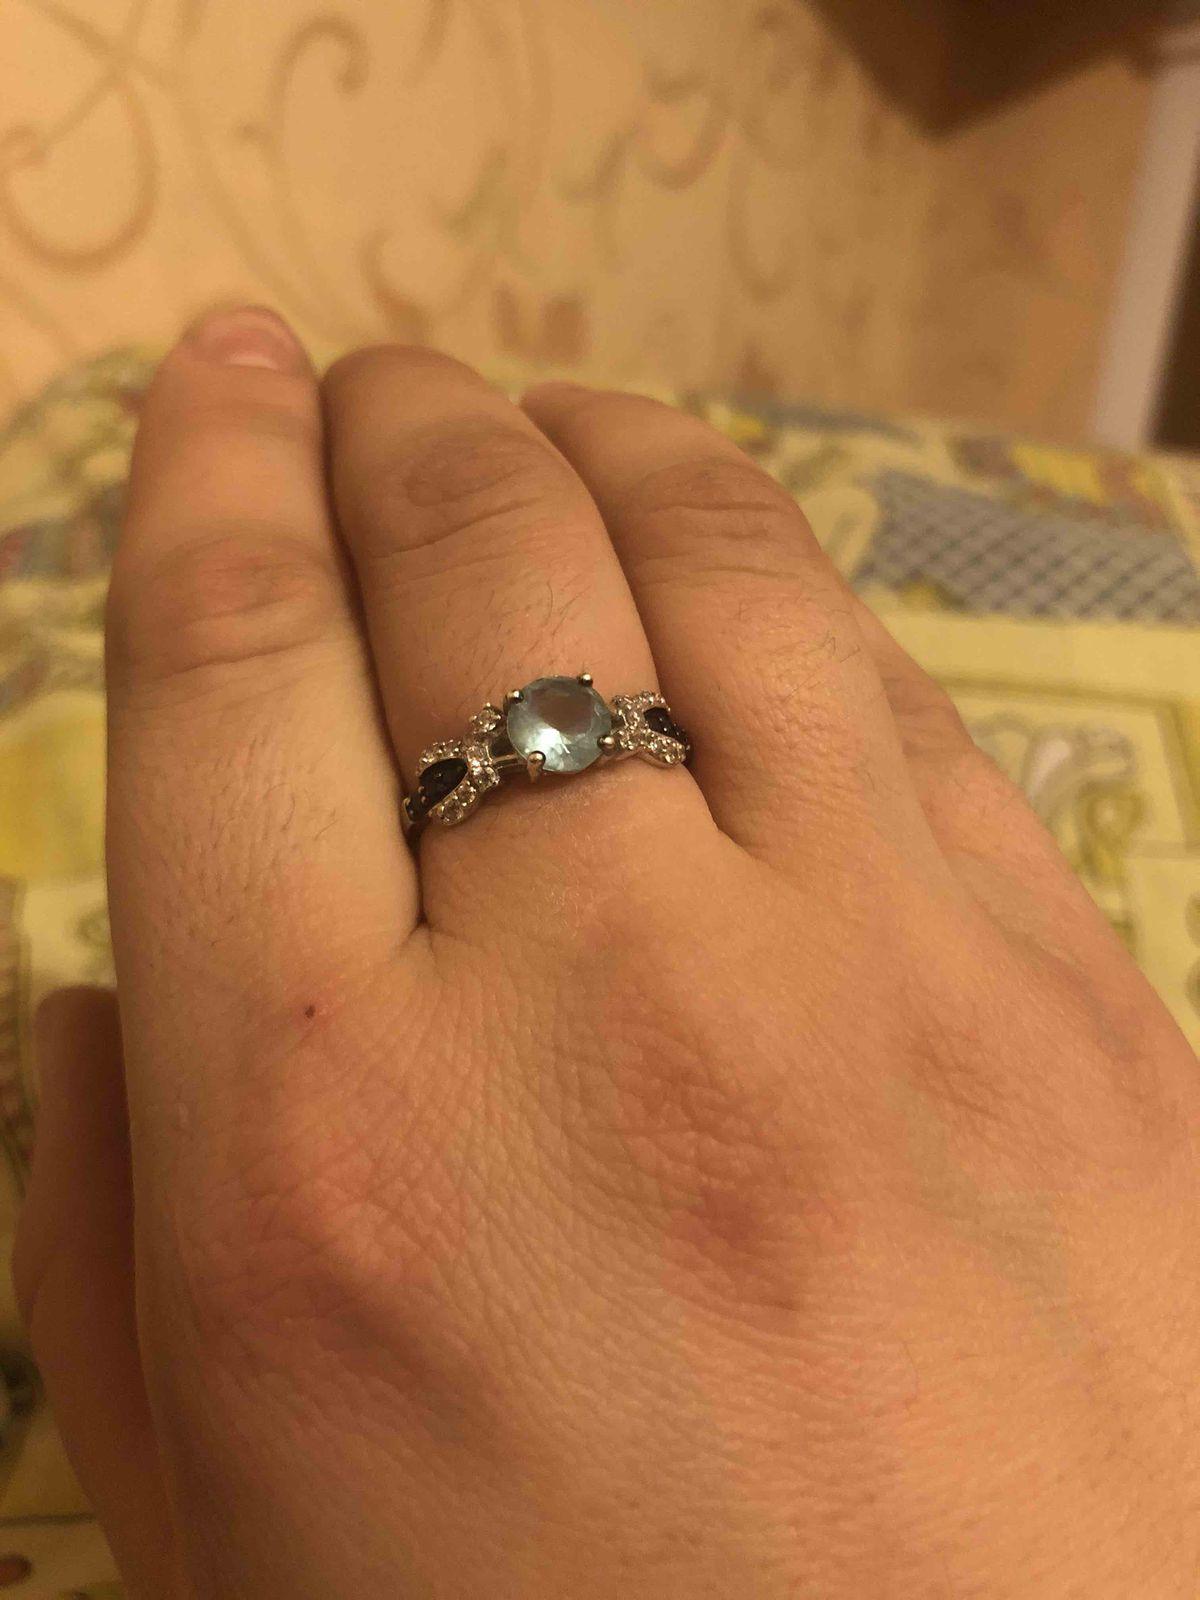 Нравится кольцо